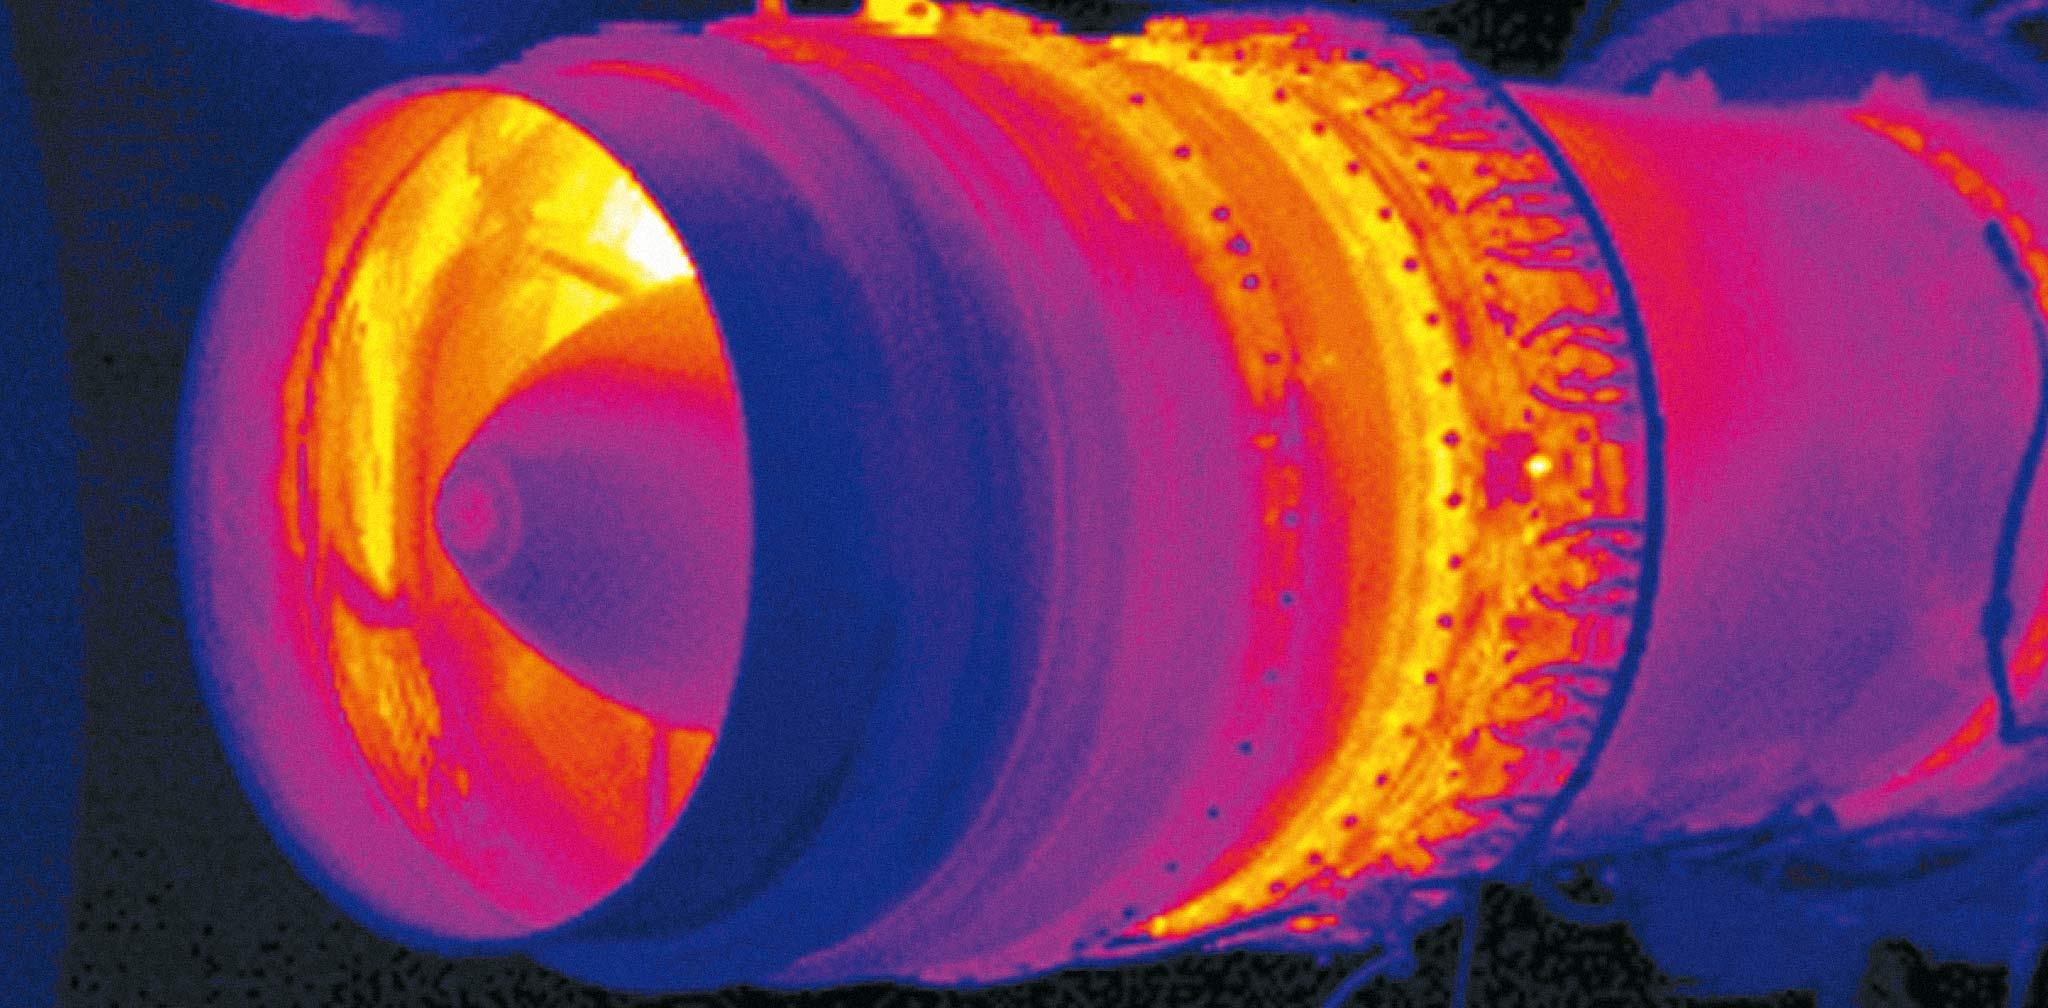 Pyrometer CT 3M für Niedertemperaturmessungen an Metall, J0617-E5530